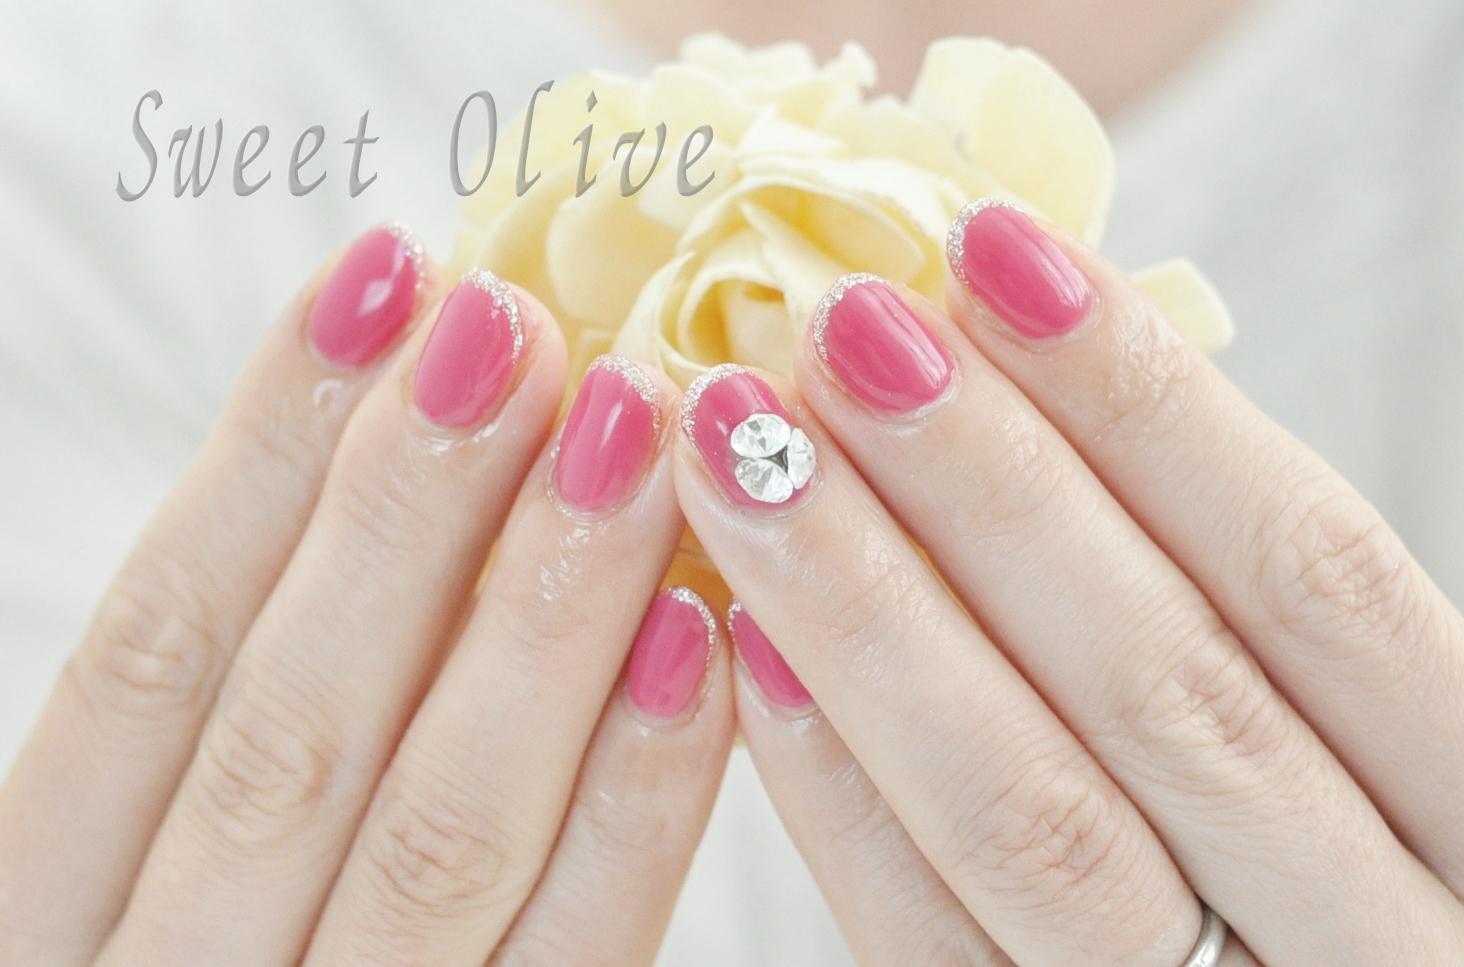 ビビッドピンク,一色塗り,ワンカラー,3Dストーン,夏ネイル2020年